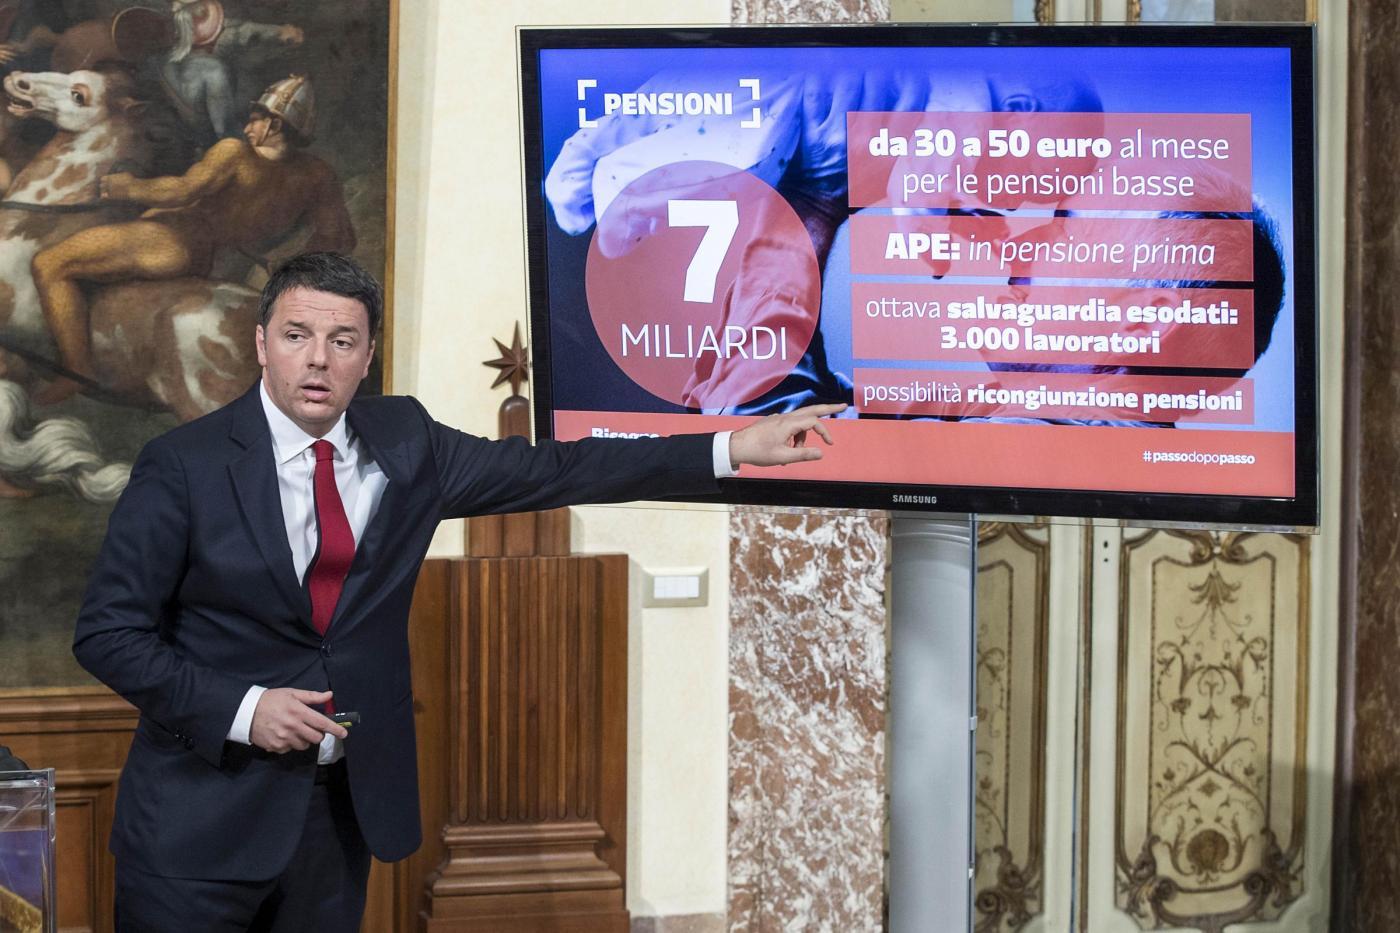 In arrivo aumento delle pensioni minime tra i 30 e i 50 euro al mese